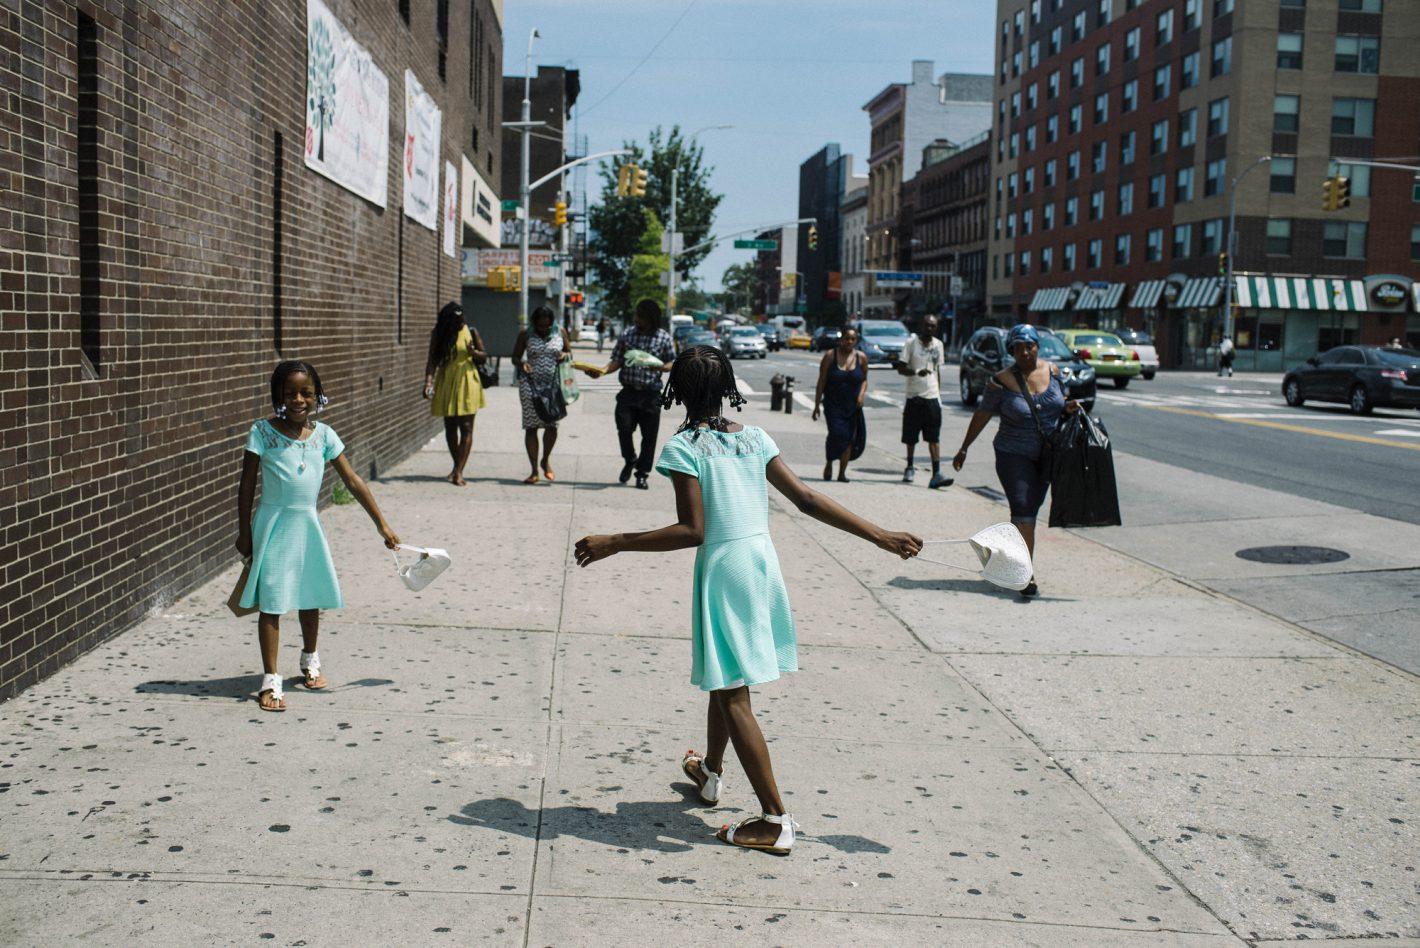 La vie quotidienne à New-York illustrée par Paul Mougeot